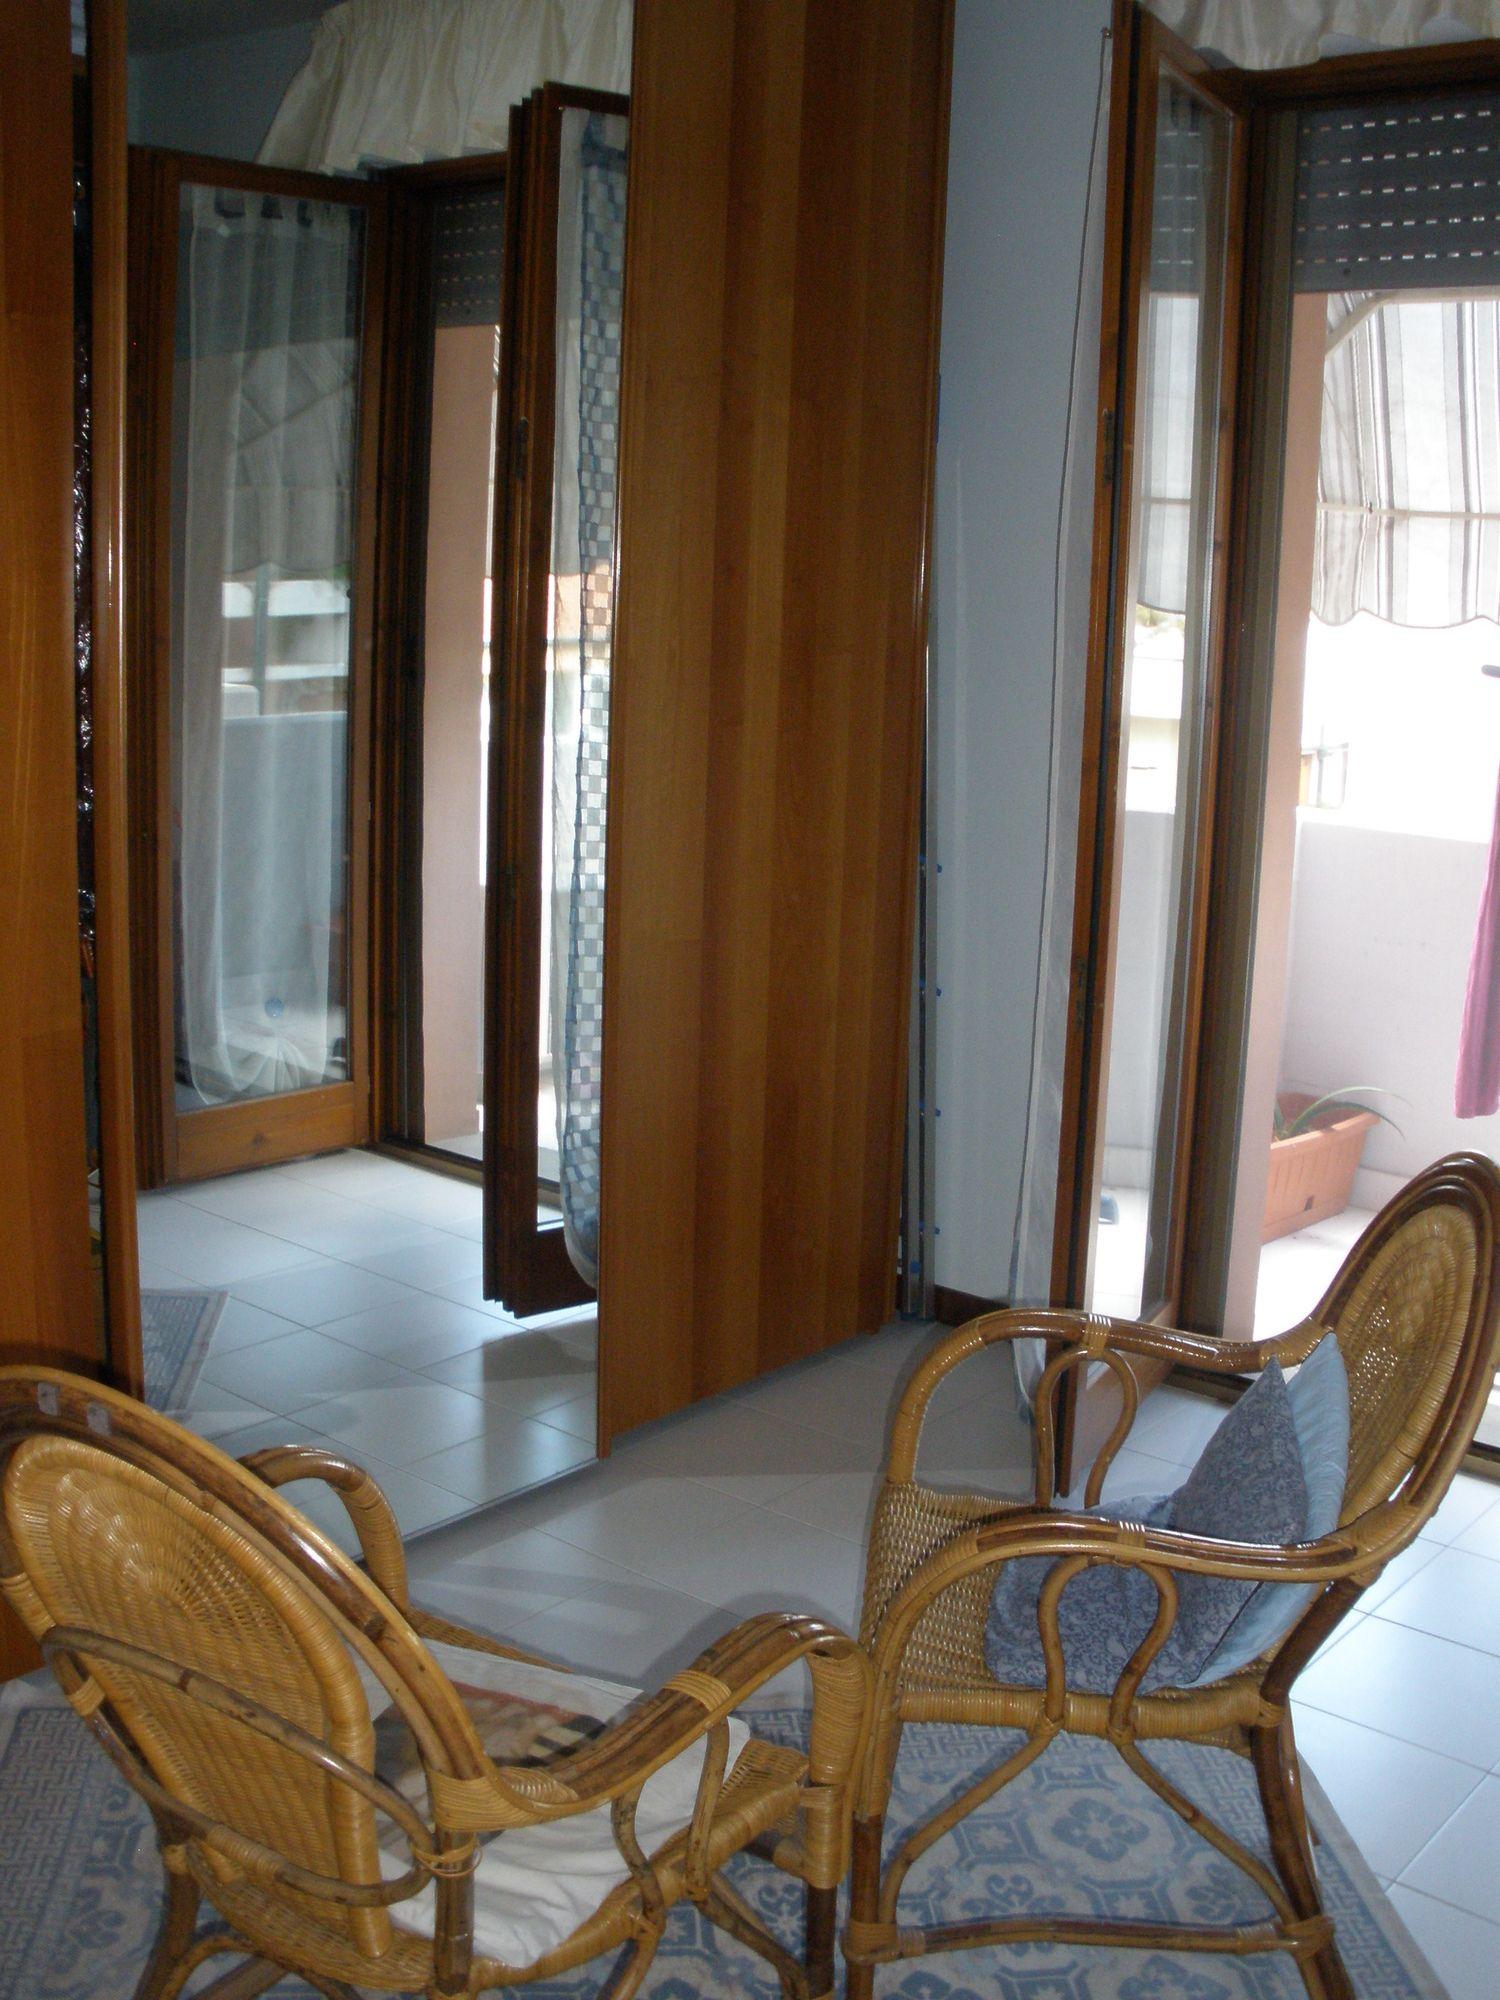 Attico / Mansarda in vendita a Viareggio, 6 locali, prezzo € 285.000 | Cambio Casa.it